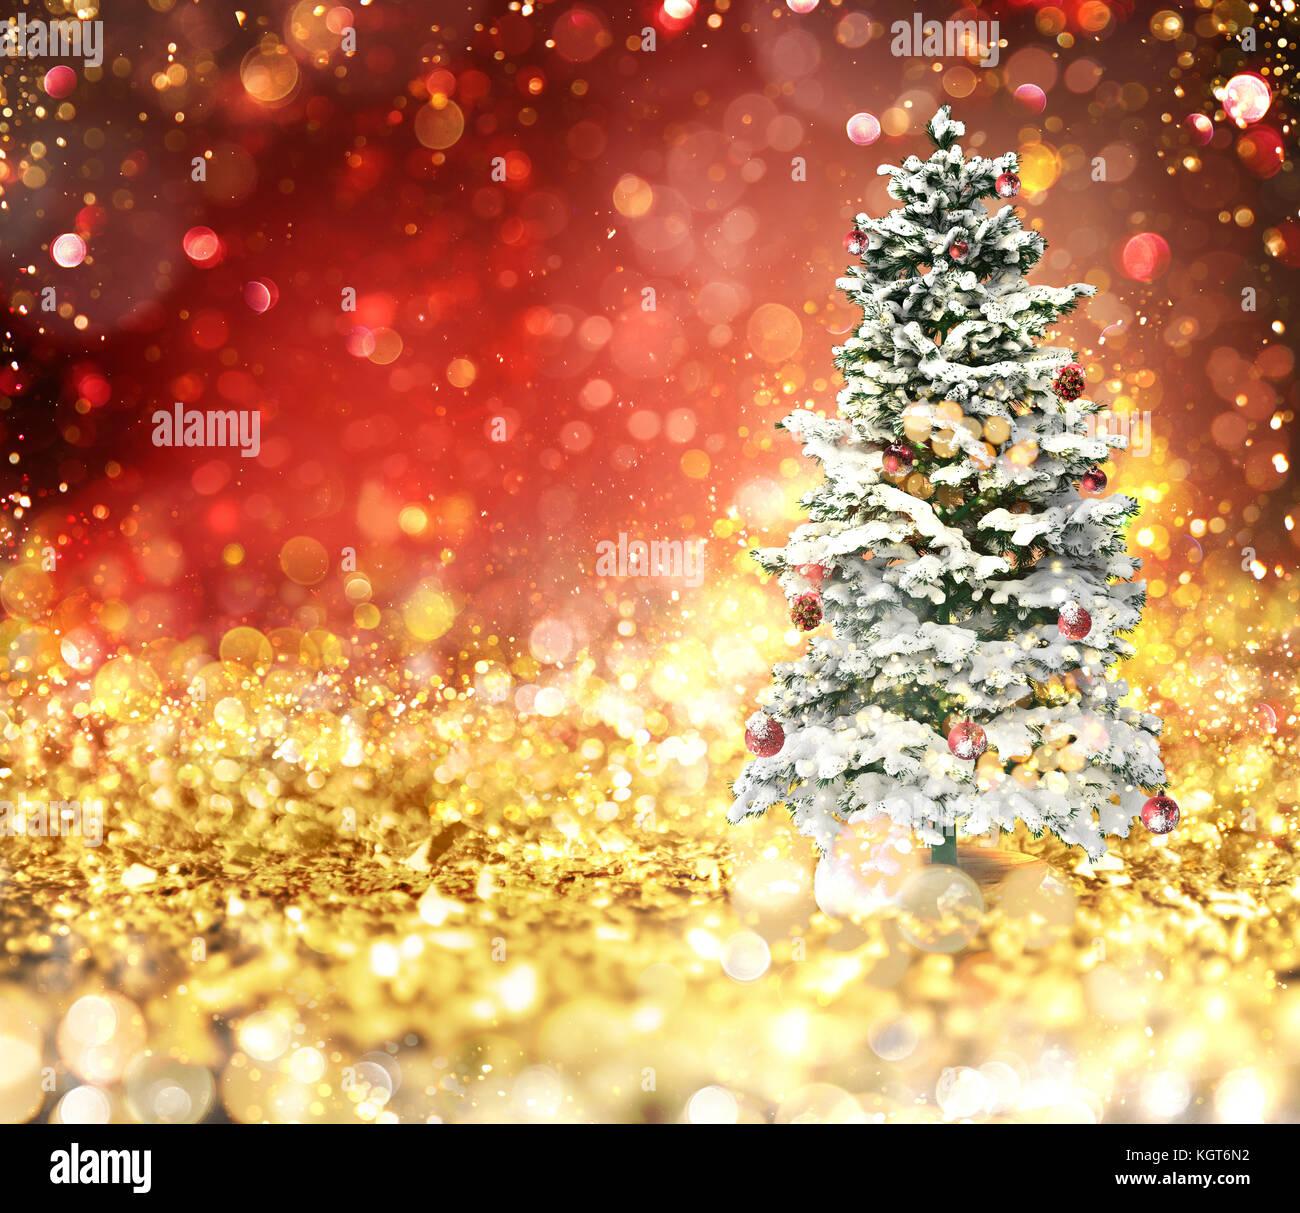 weihnachtsbaum auf gold und rot funkelnden hintergrund. Black Bedroom Furniture Sets. Home Design Ideas